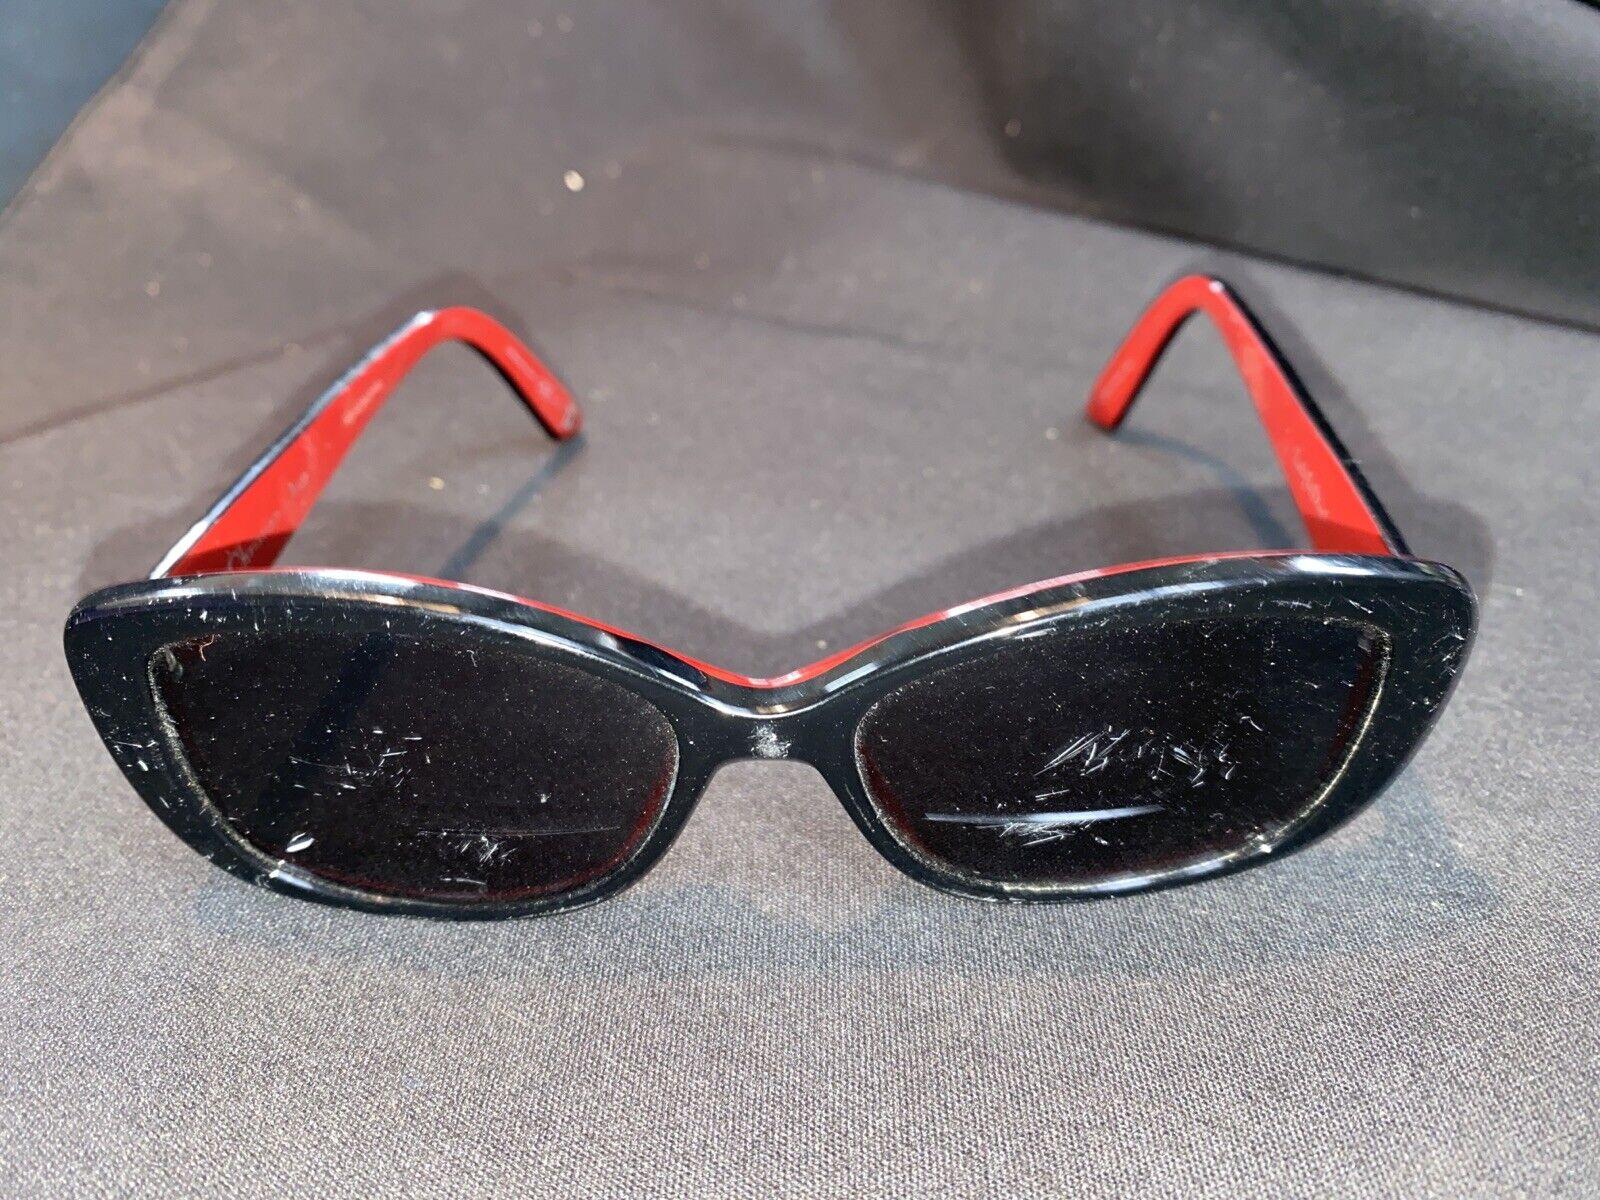 DIOR Women's Prescription Sunglasses Black/Red Rectangle LadyInDior2